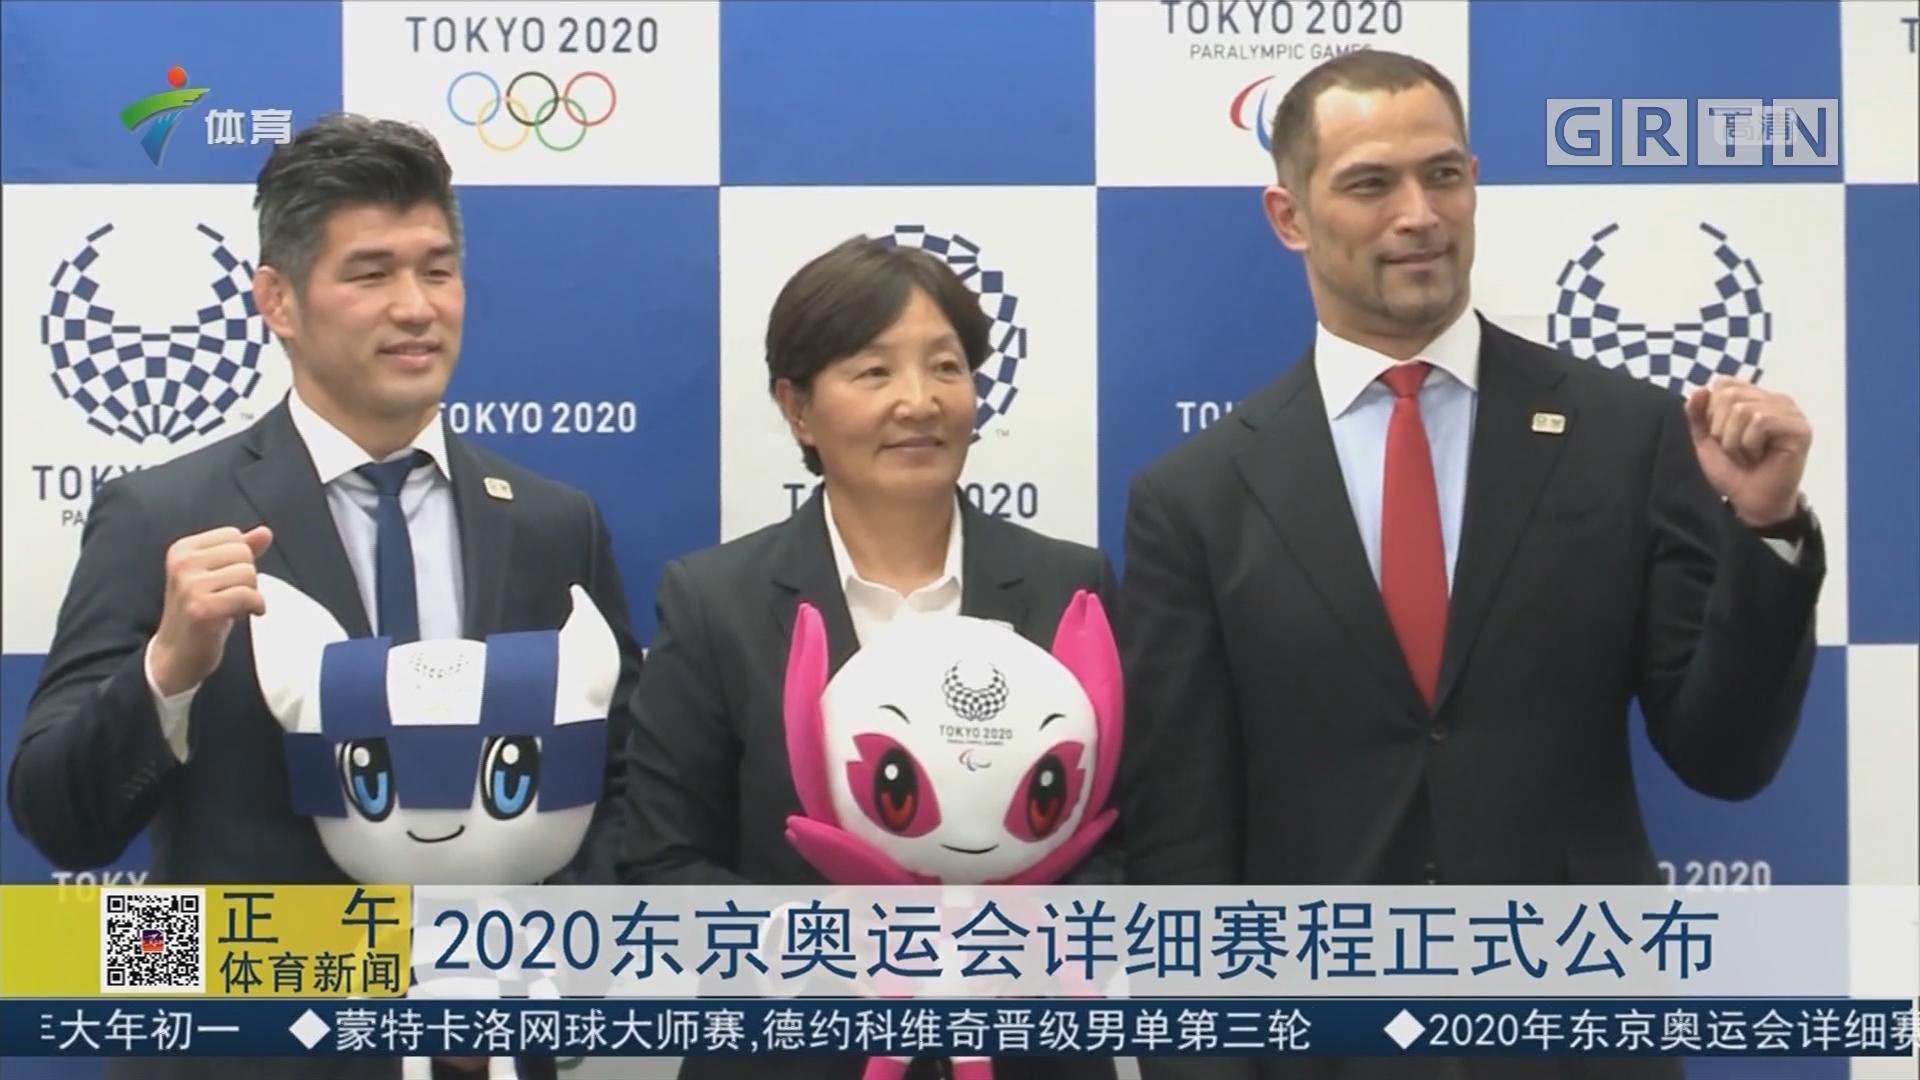 2020东京奥运会详细赛程正式公布